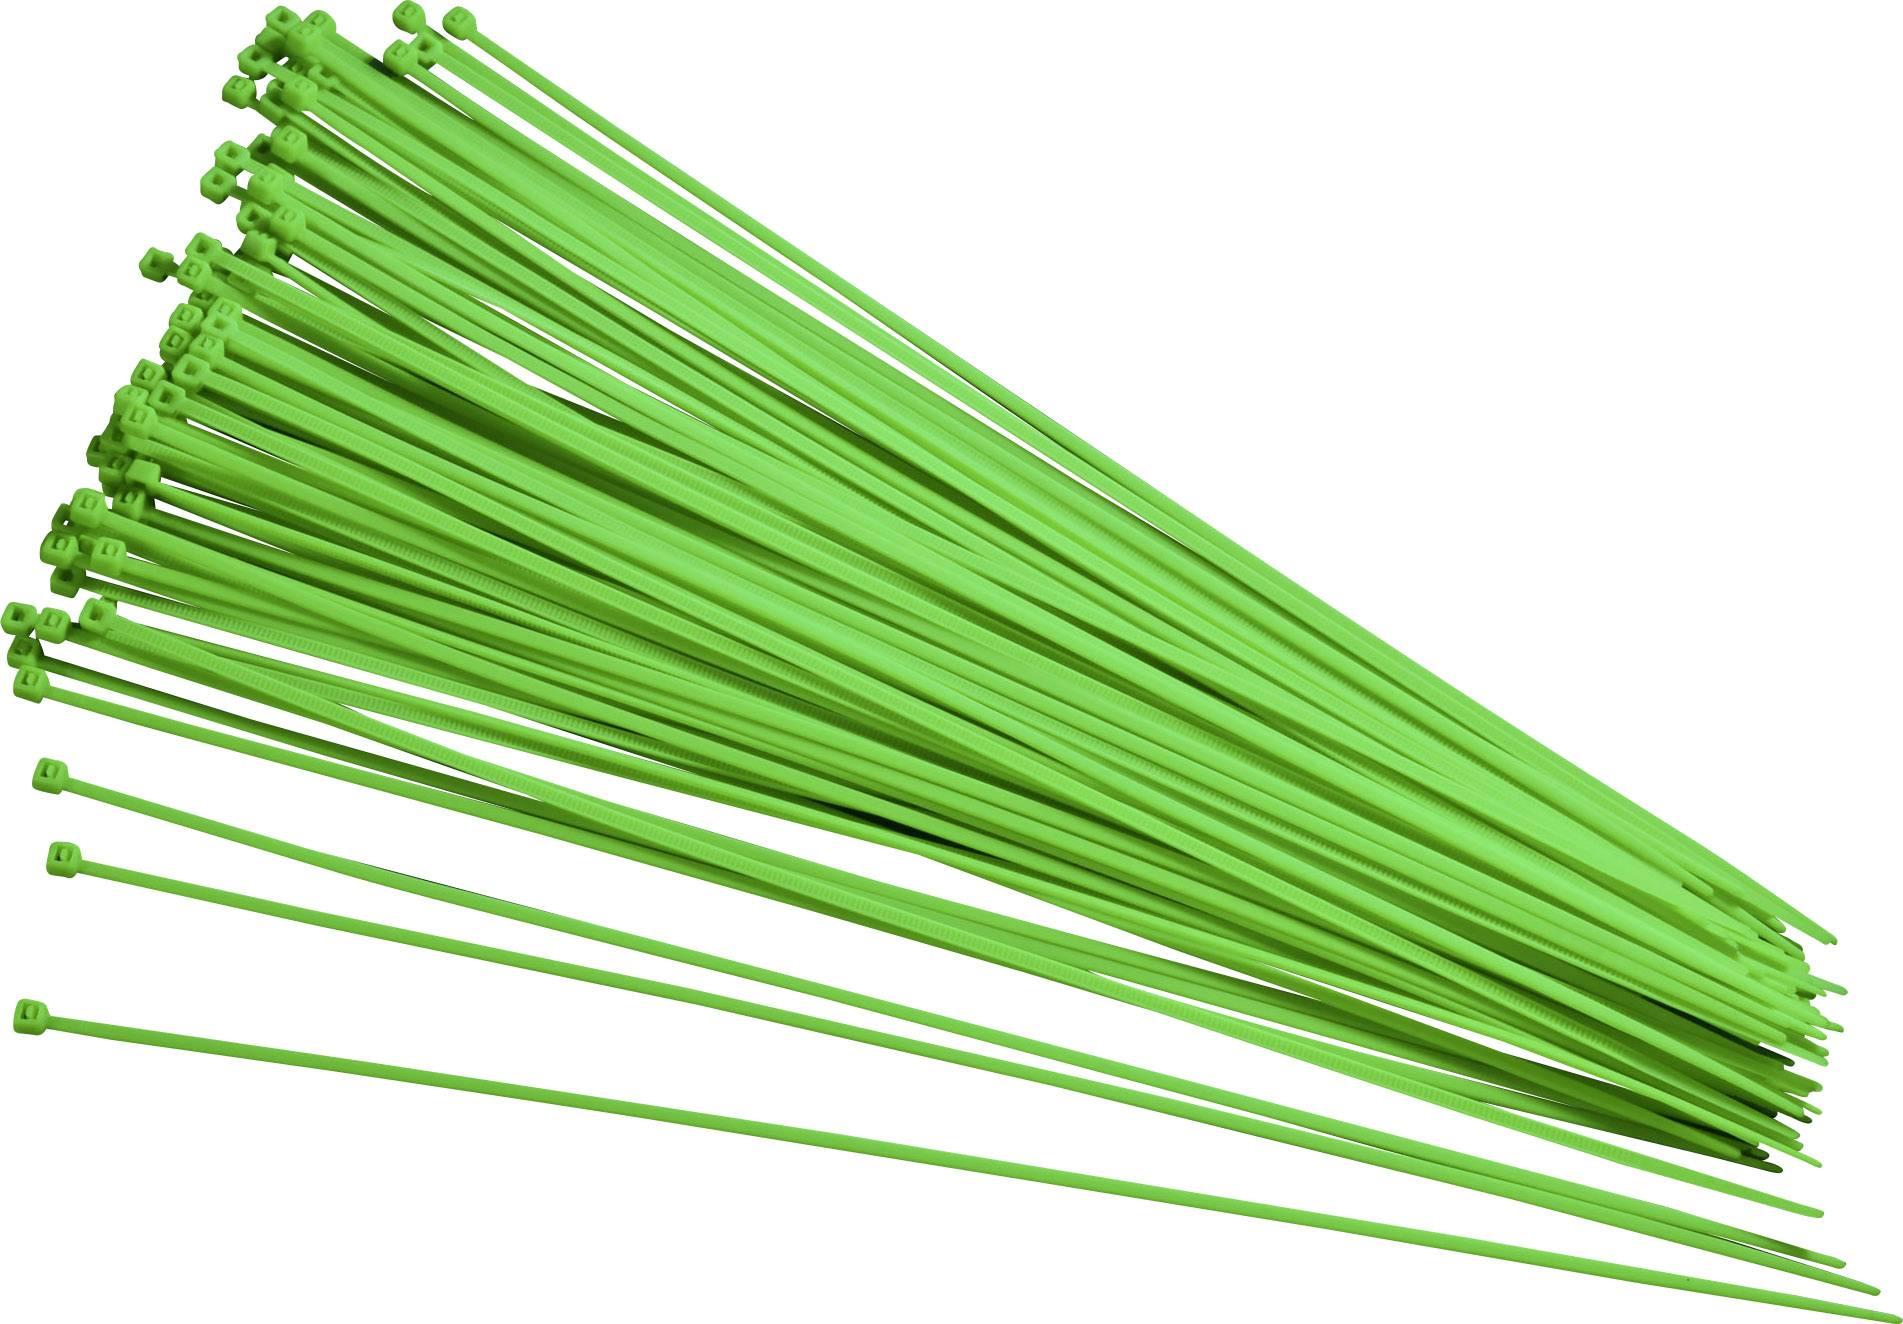 Sťahovacie pásky TRU COMPONENTS 93038c414, 200 mm, zelená, 100 ks